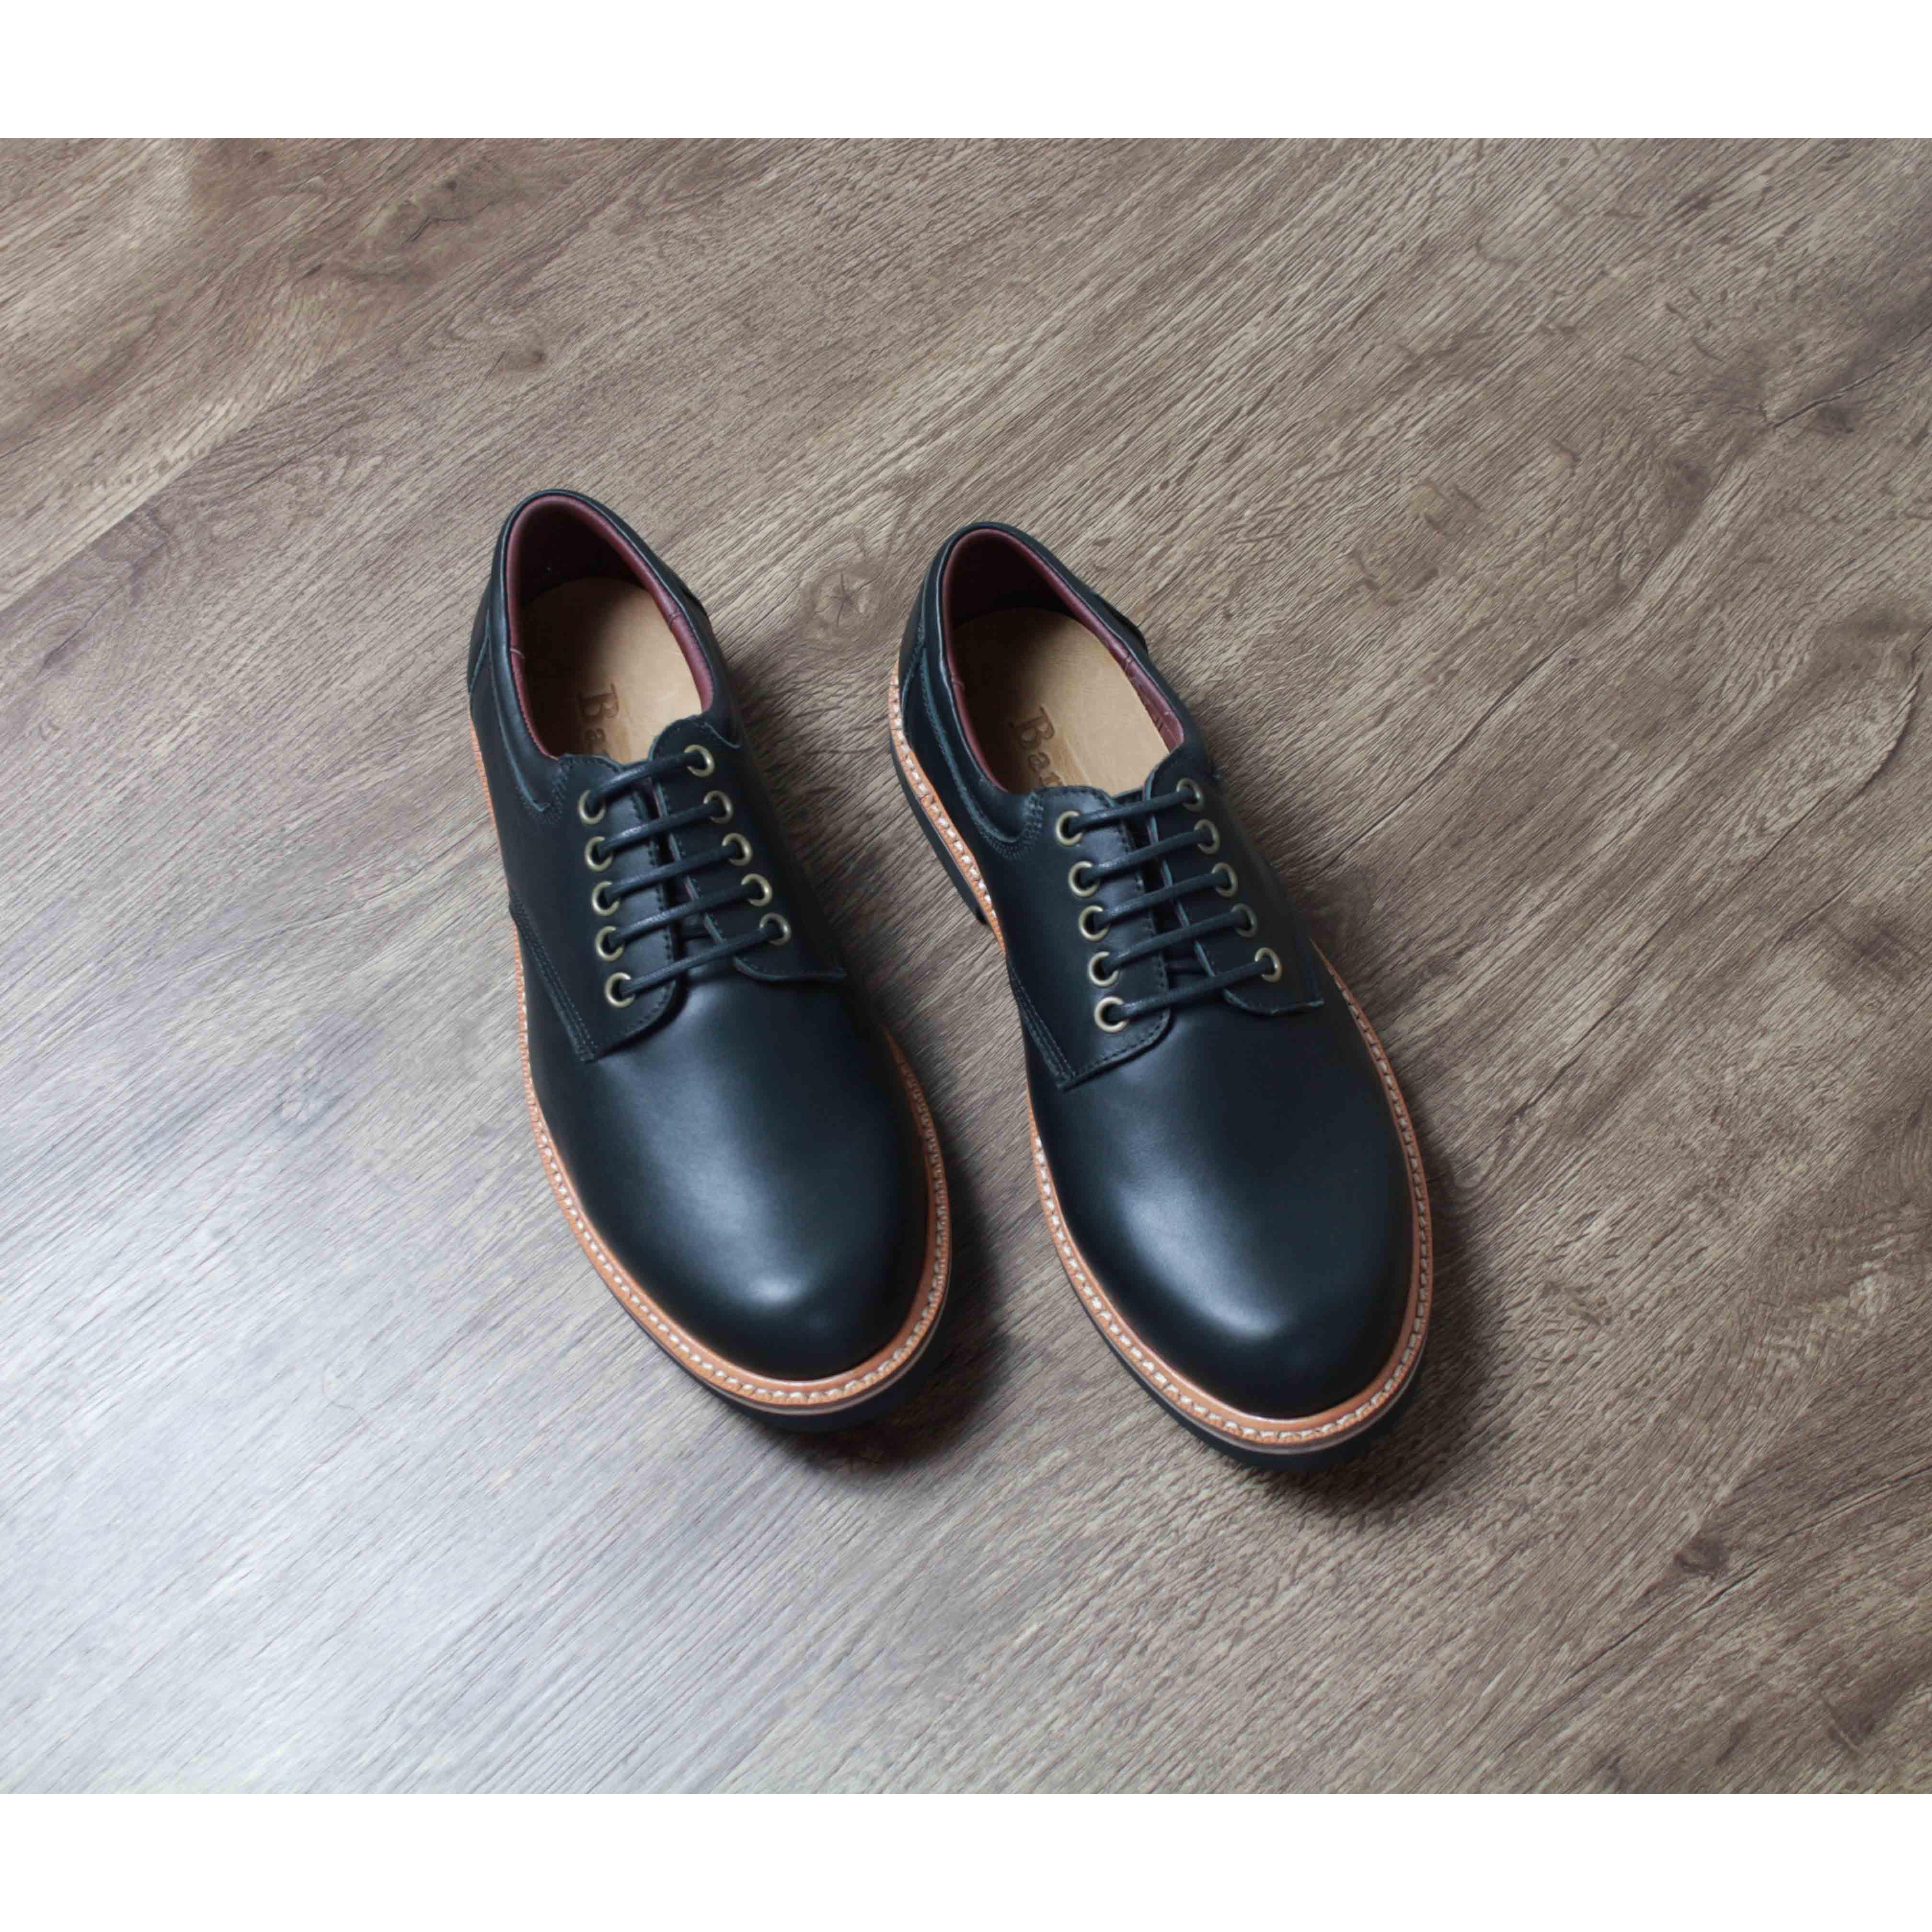 Giày nam cao cấp chính hãng BANULI, kiểu giày tây vintage B2PD3C0 da bò thật, đế cao su tự nhiên